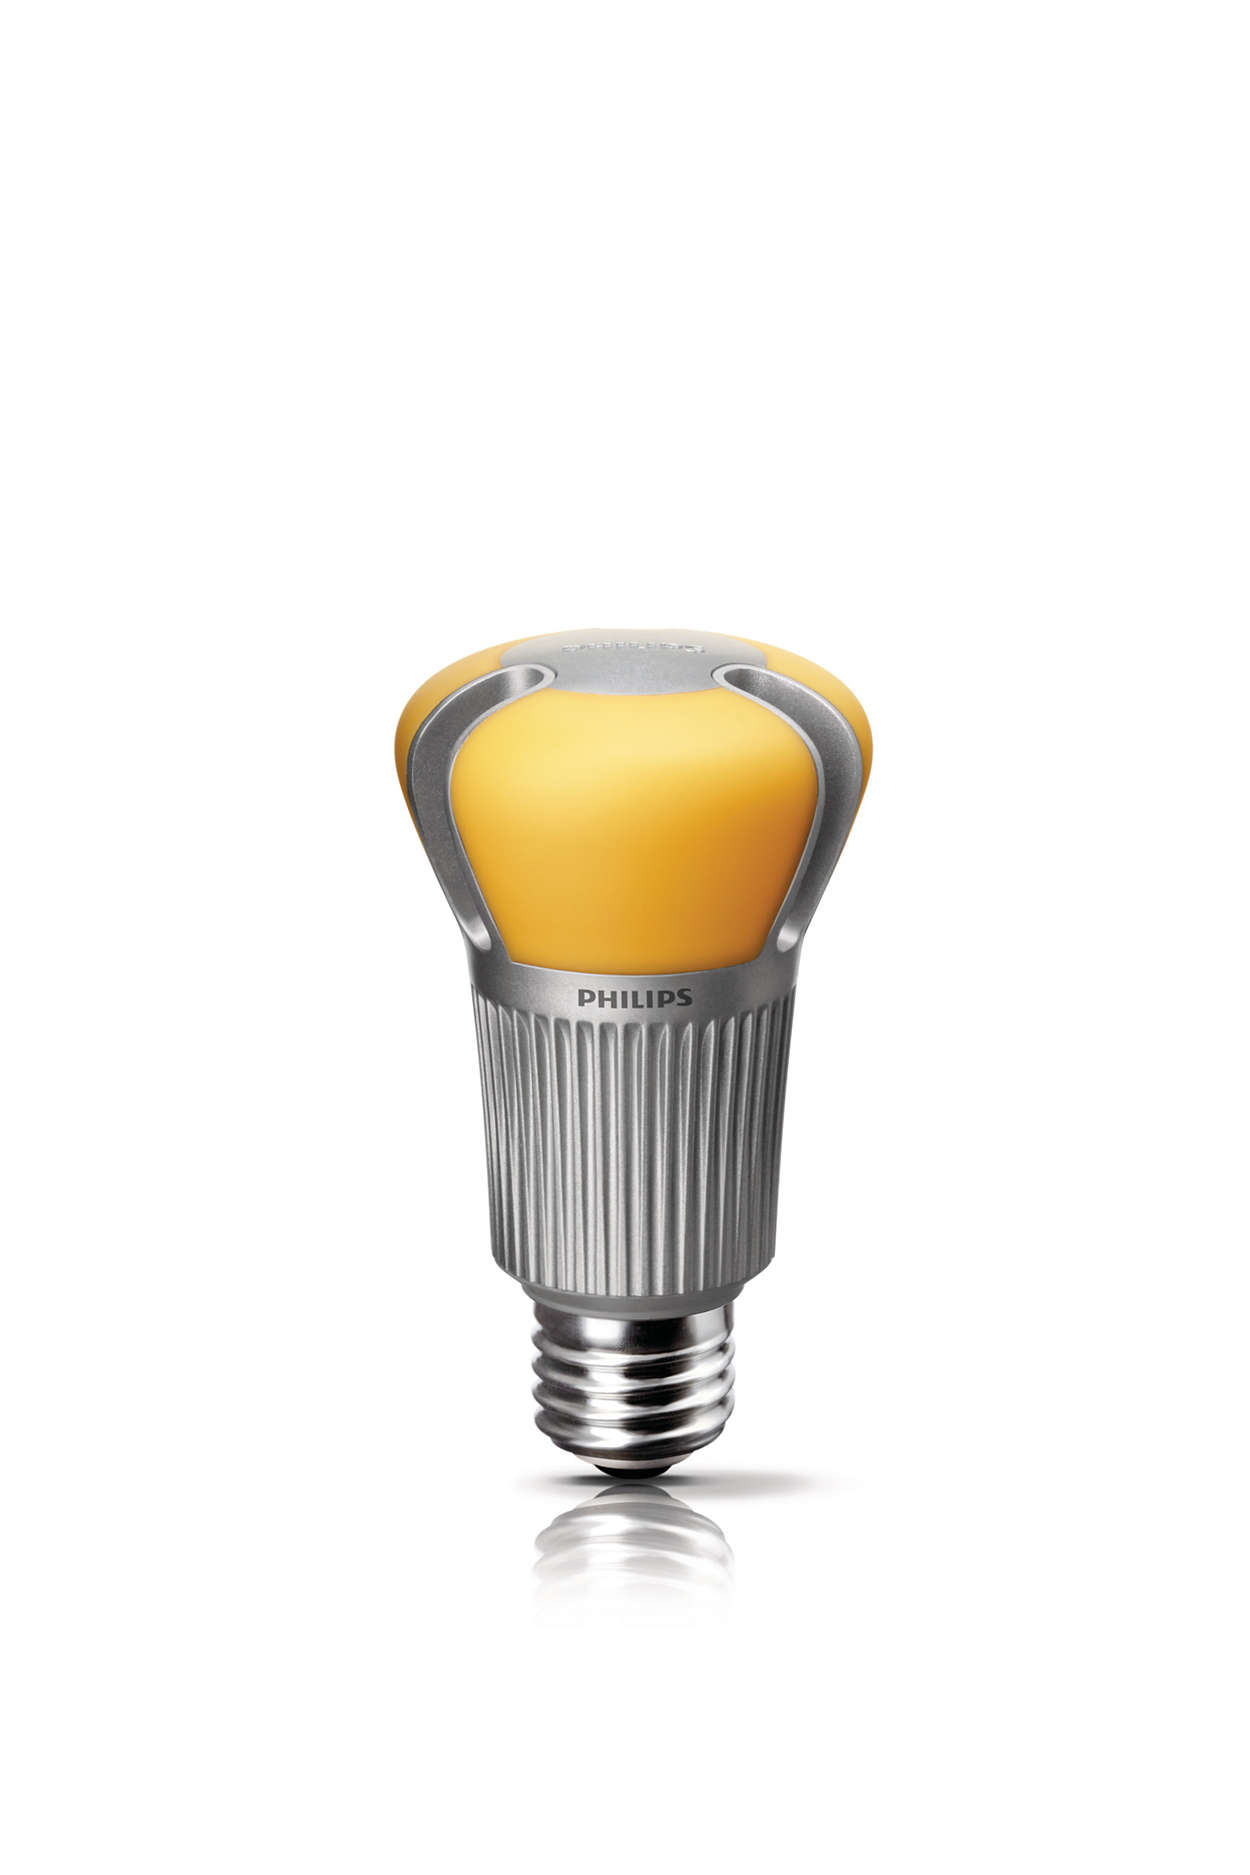 State of Art LED light